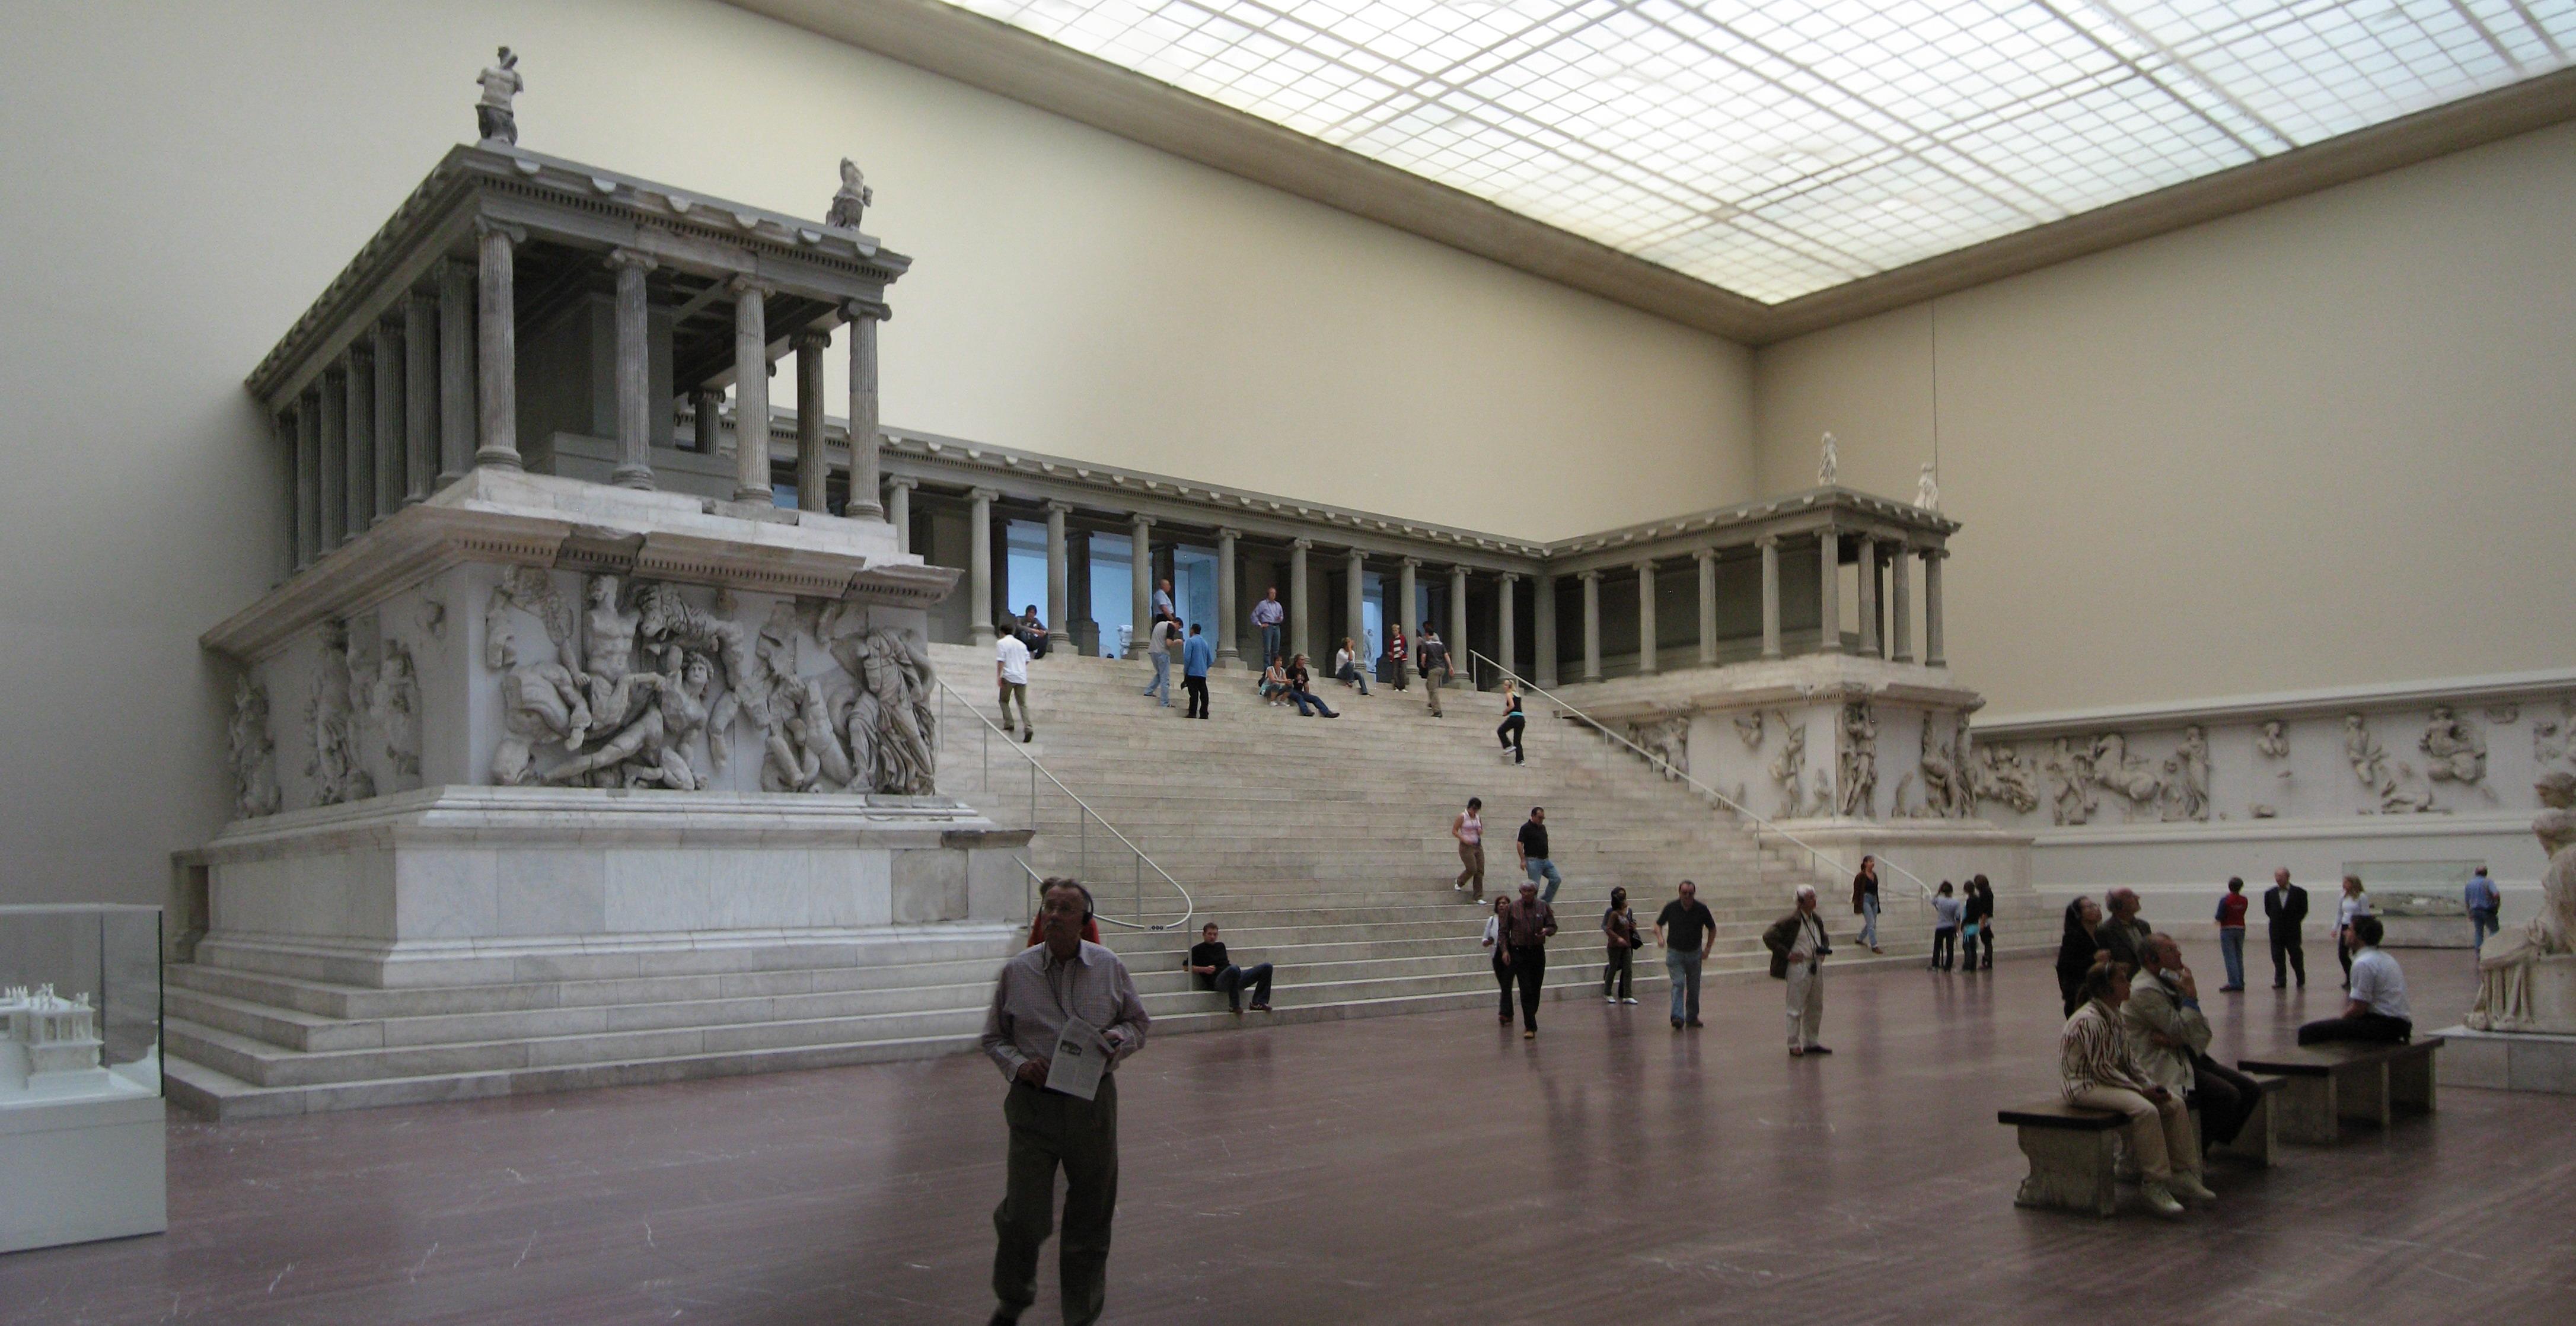 Bildergebnis für pergamon images